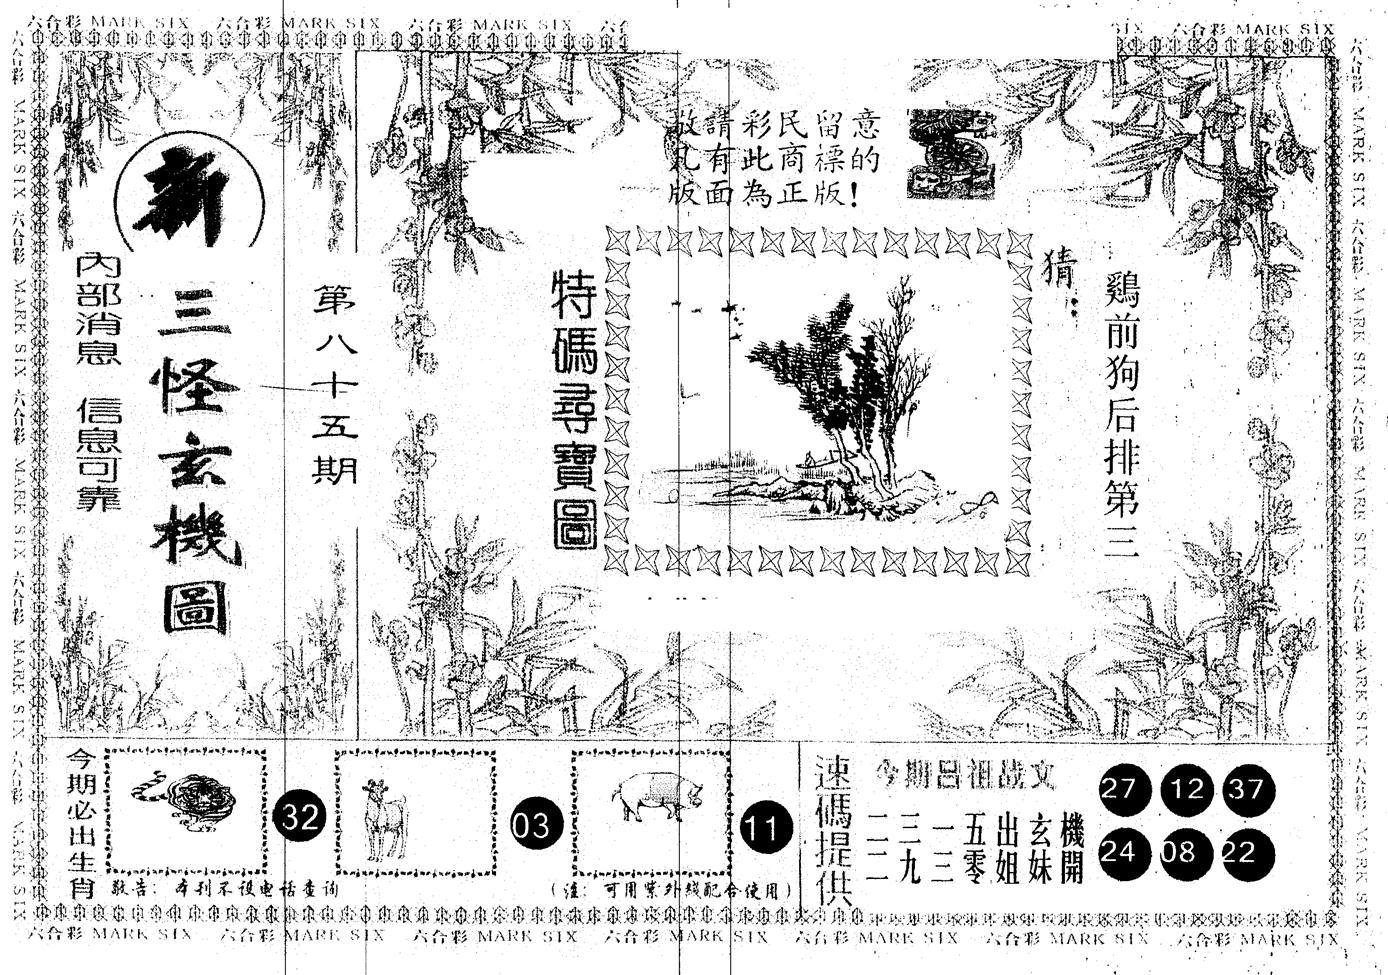 085期另版新三怪(黑白)